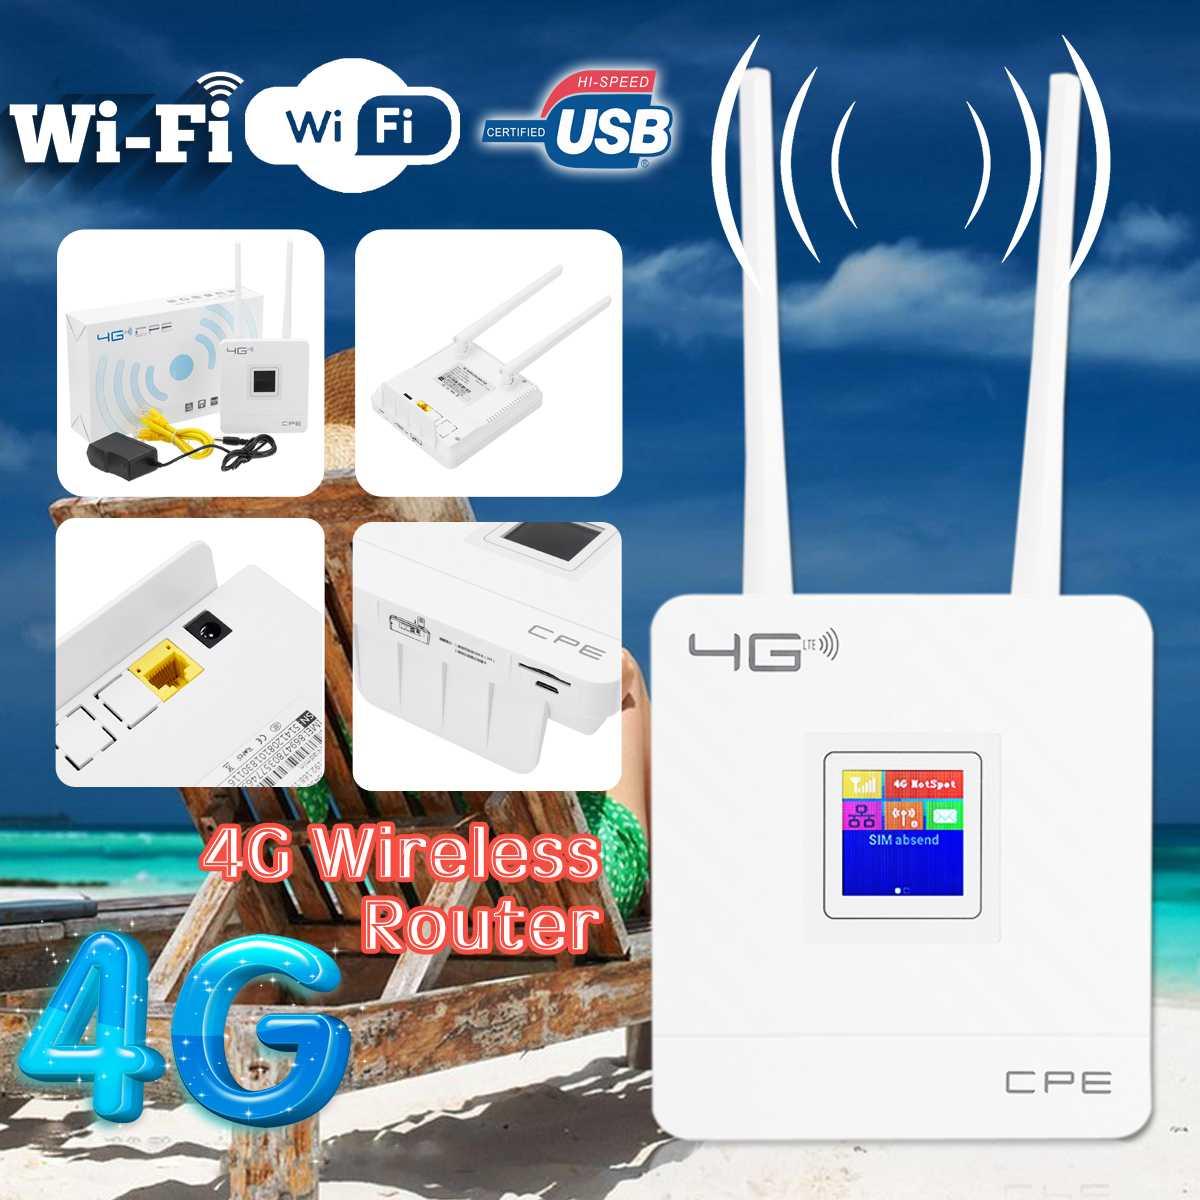 Routeur Wifi sans fil CPE 4G passerelle Portable LTE FDD TDD WCDMA GSM déverrouillage Global antennes externes emplacement pour carte SIM Port WAN/LAN